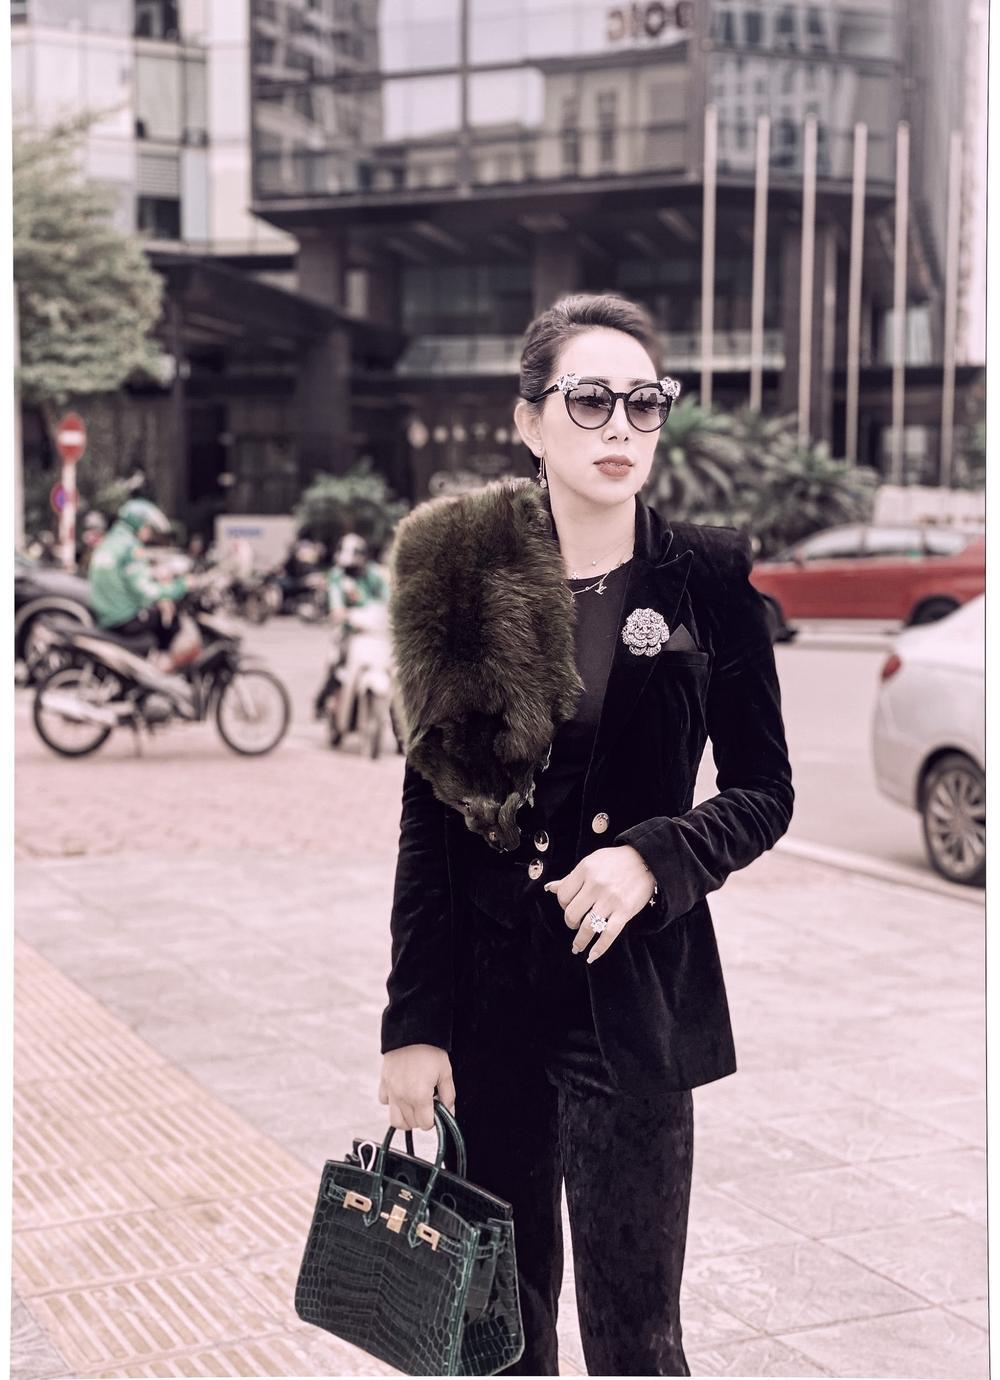 Phạm Quỳnh - Nữ doanh nhân sở hữu gout thời trang ấn tượng không kém fashionista Ảnh 8